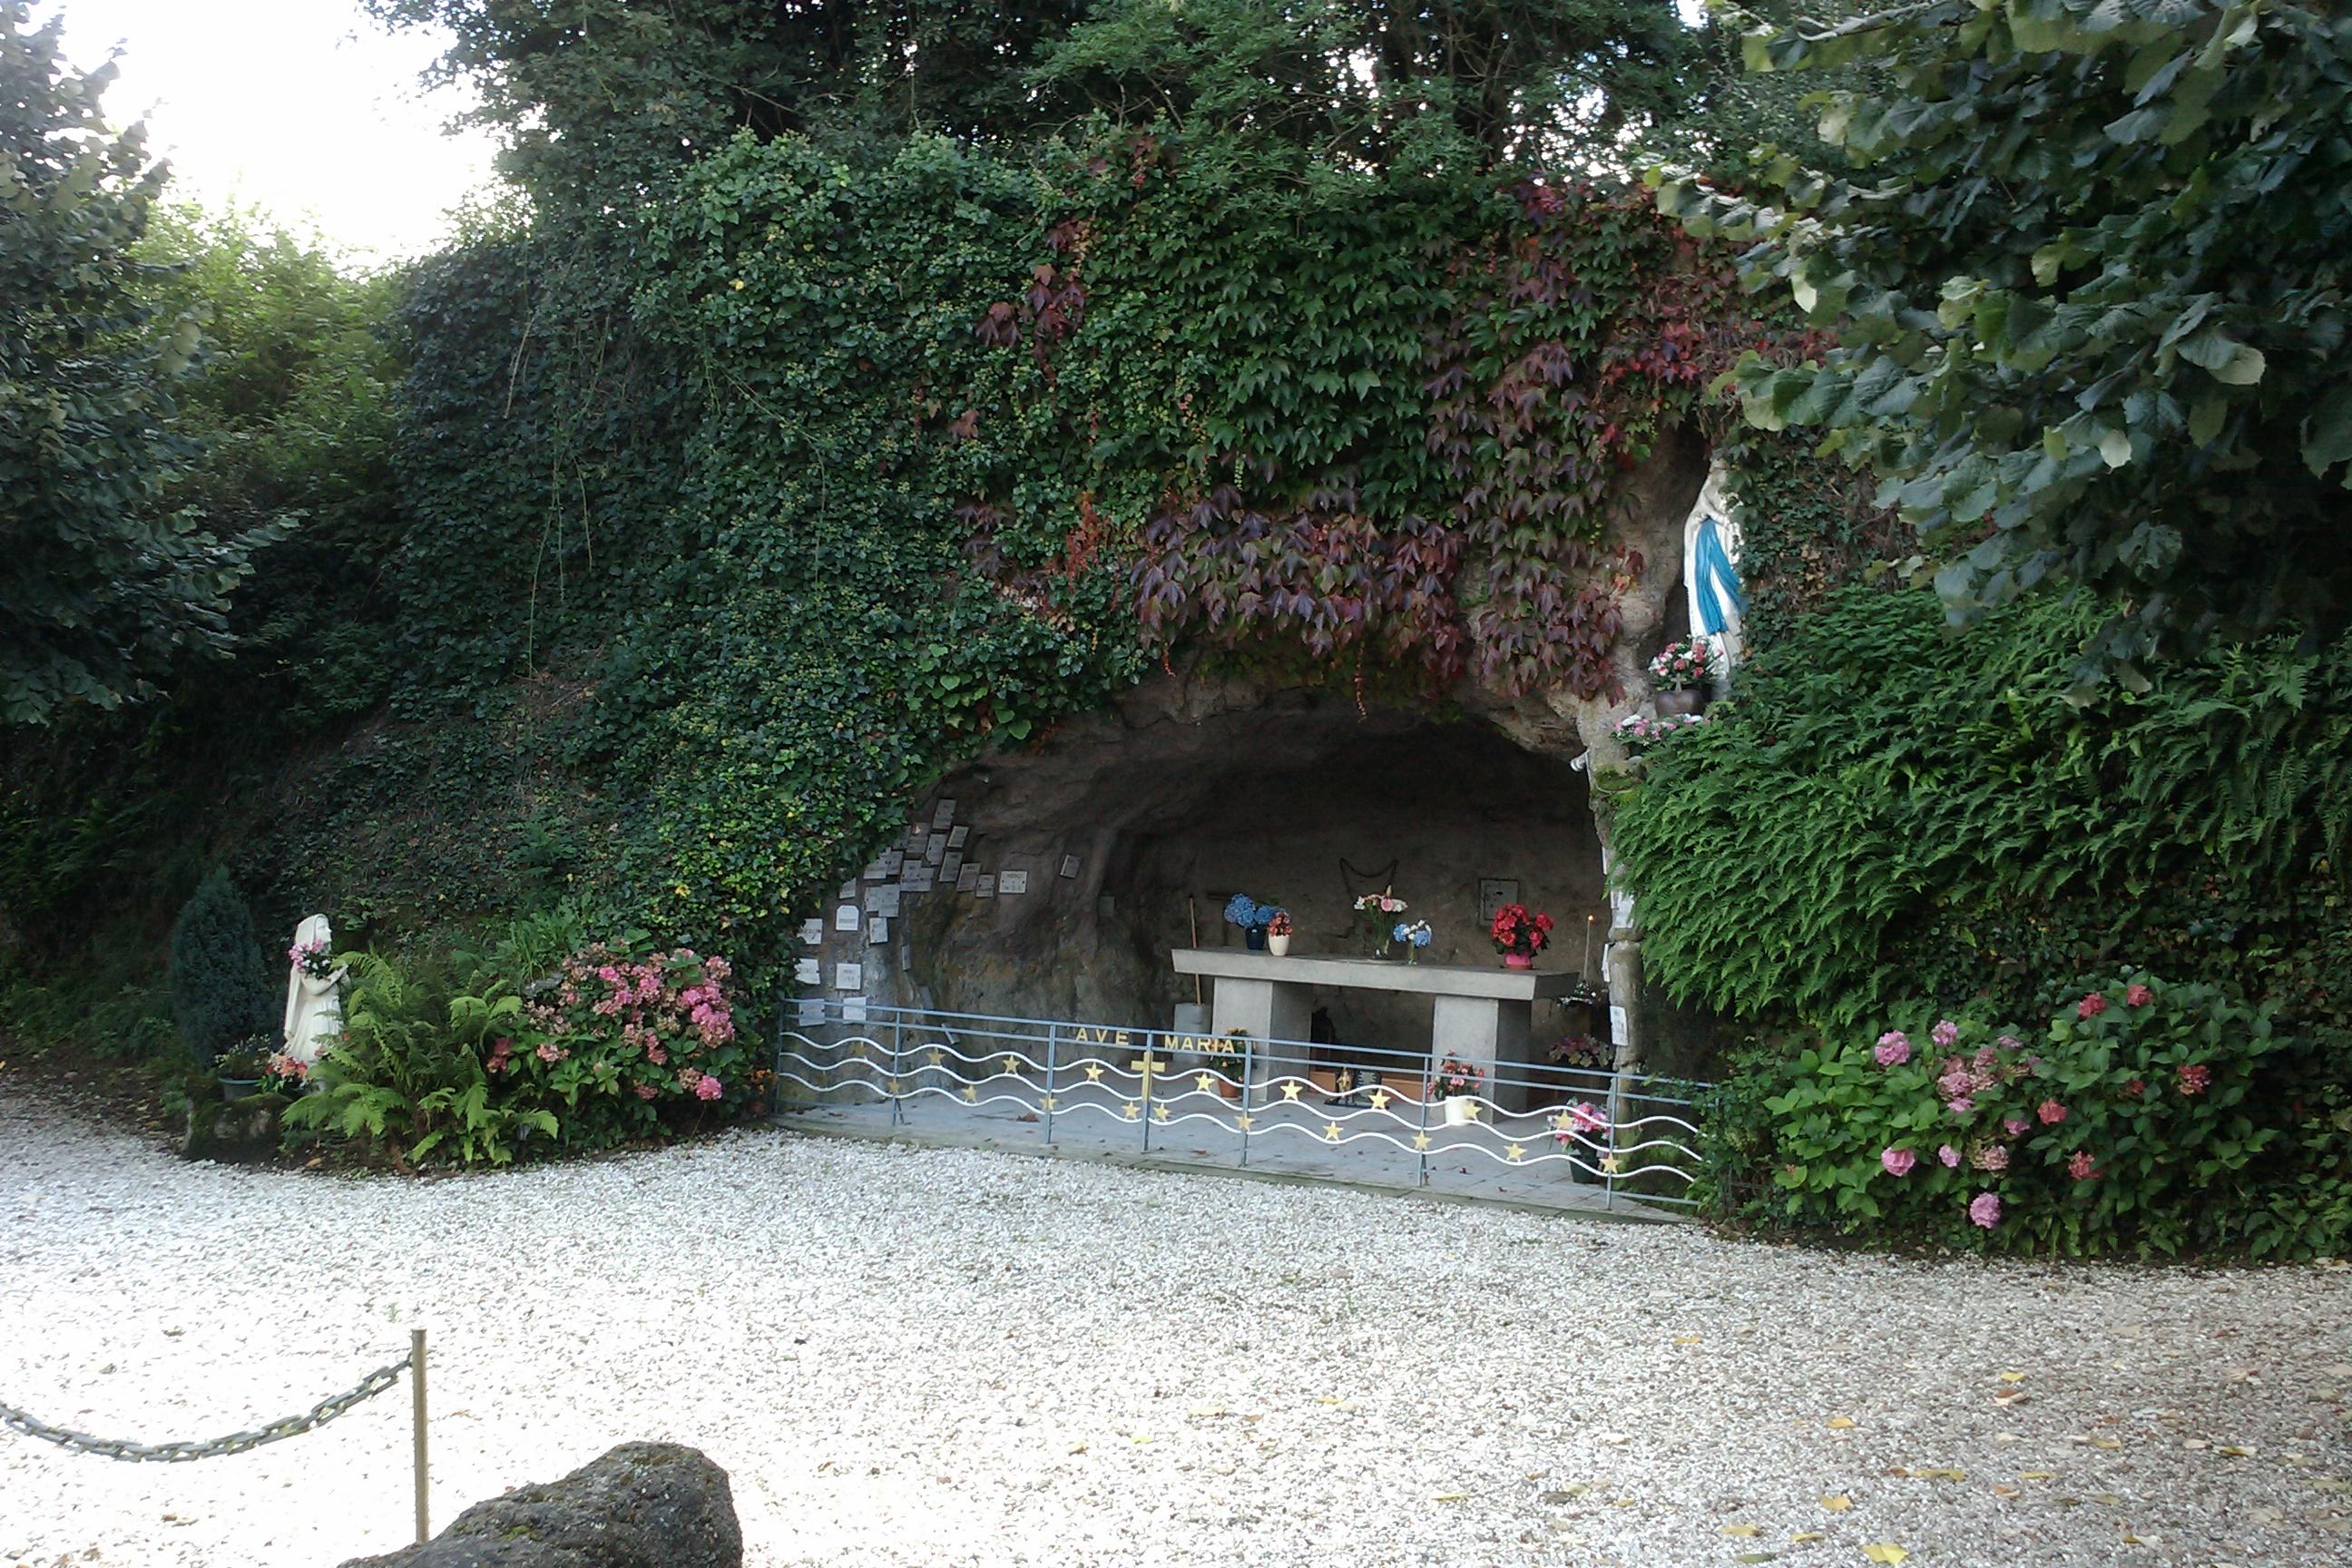 Les répliques de la grotte de Lourdes - Page 3 H%C3%A9b%C3%A9crevon_-_grotte_de_Lourdes_%282%29